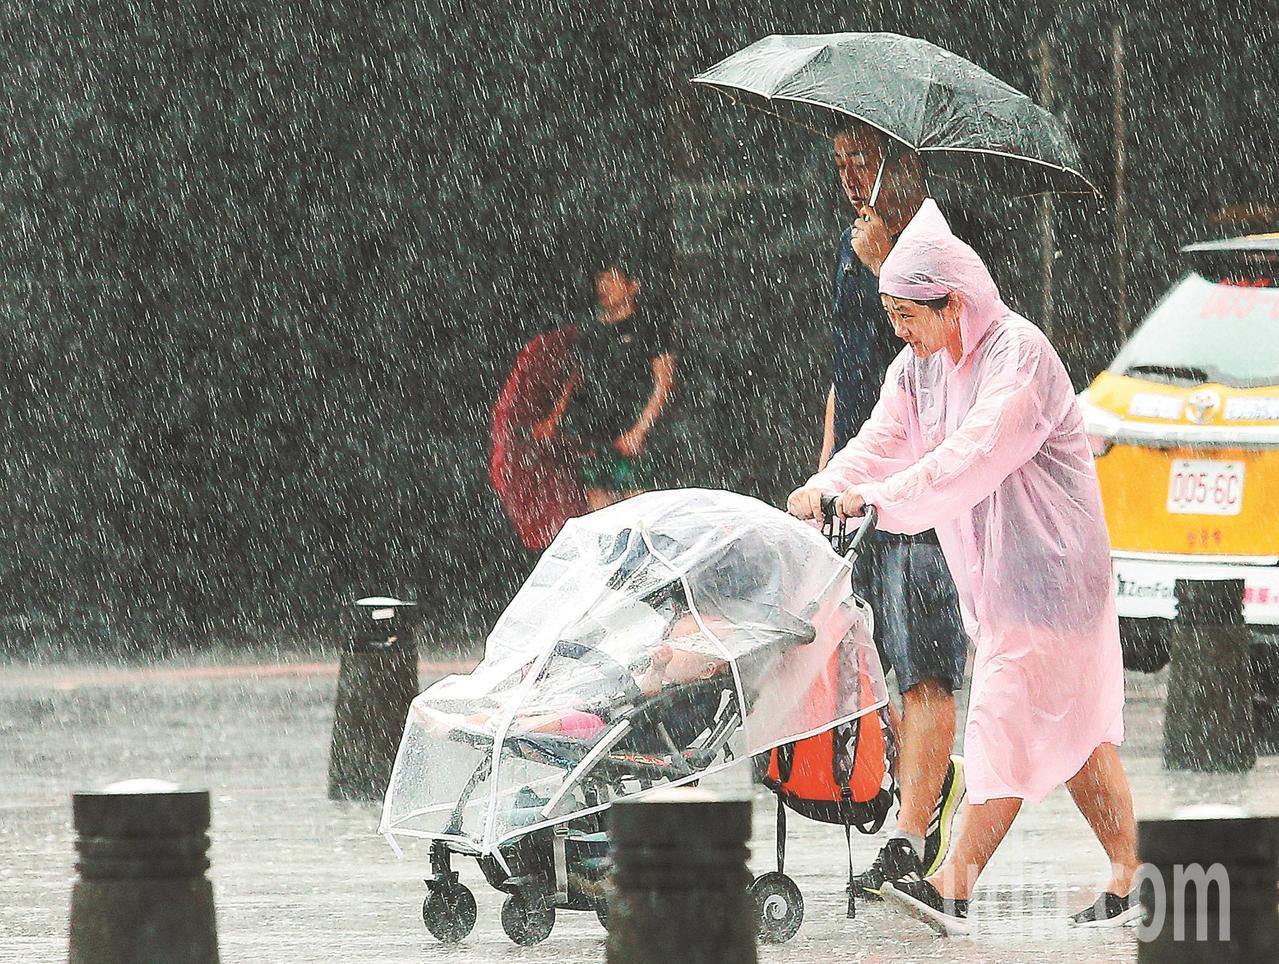 象氣專家吳德榮說,今明東北部發生劇烈降水的機率為最高,應隨時注意氣象局特報。圖/...